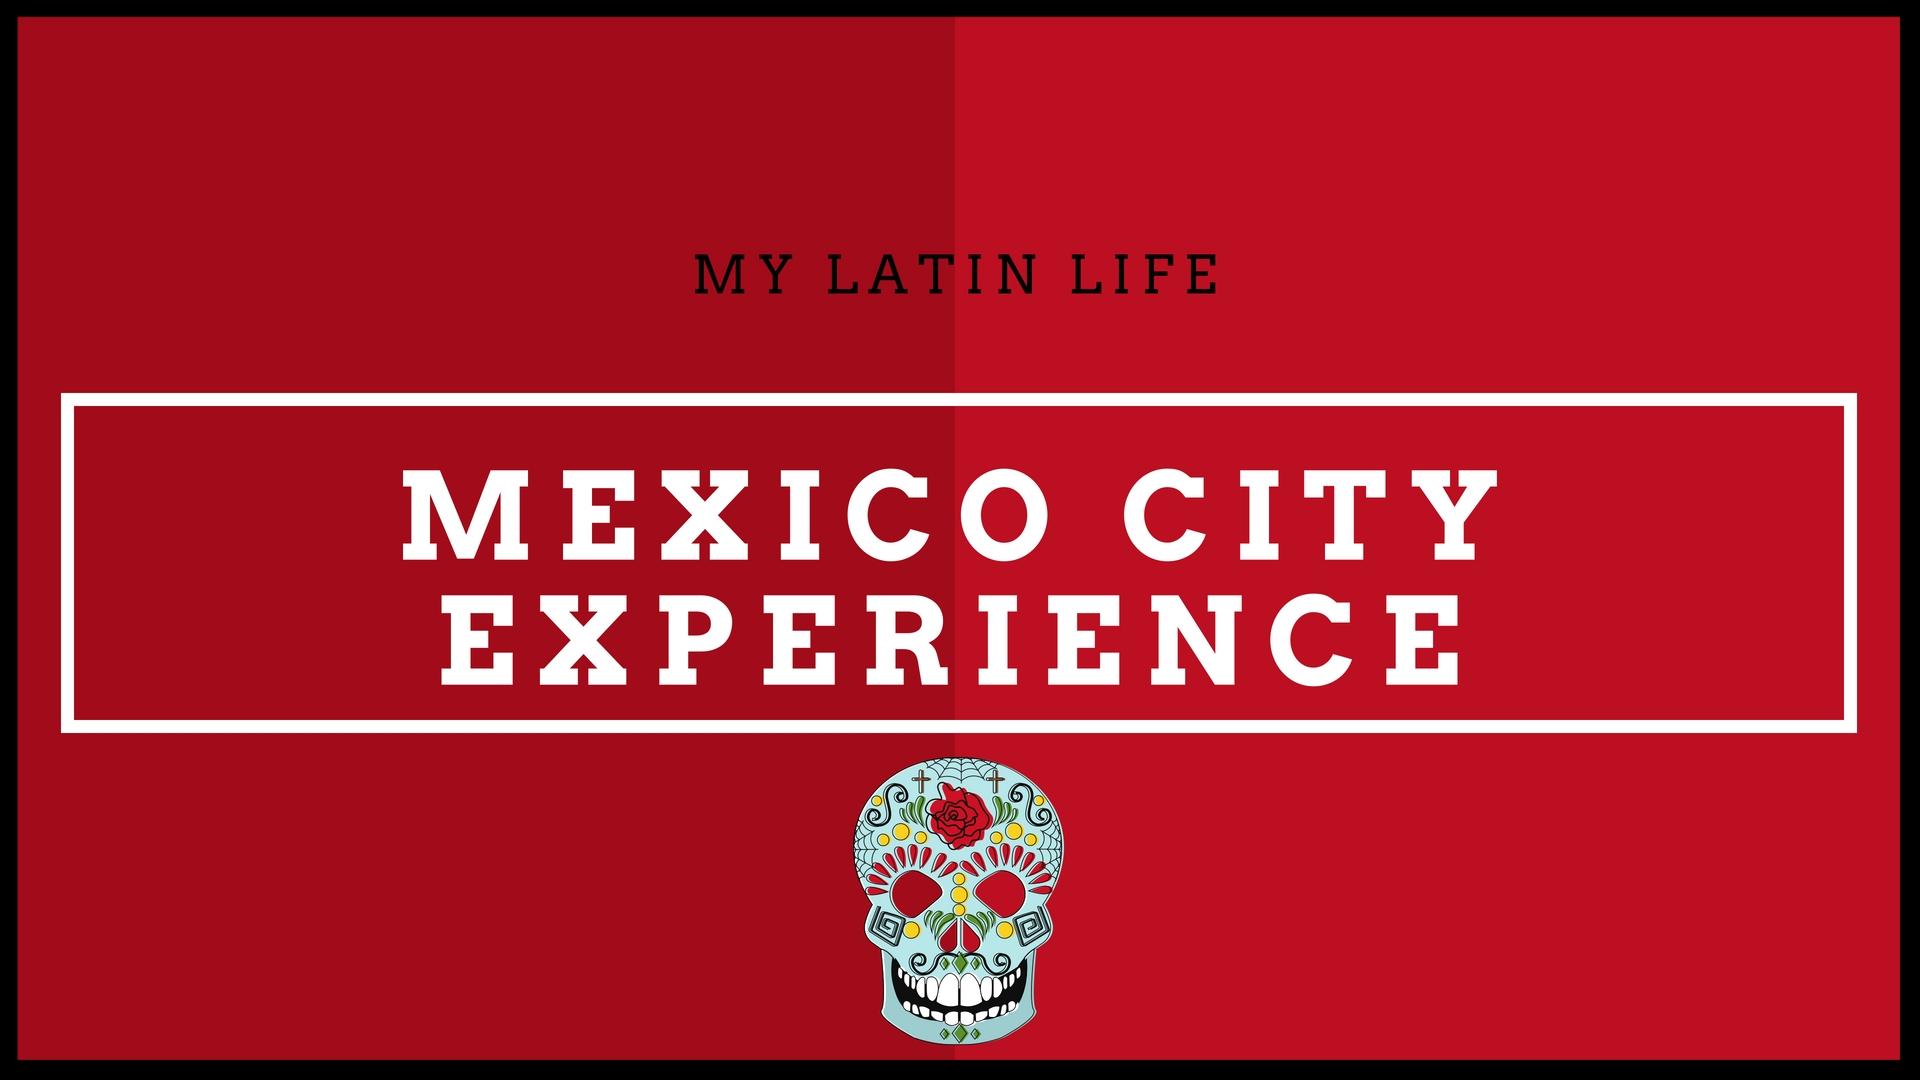 Mexico City Experience (1).jpg